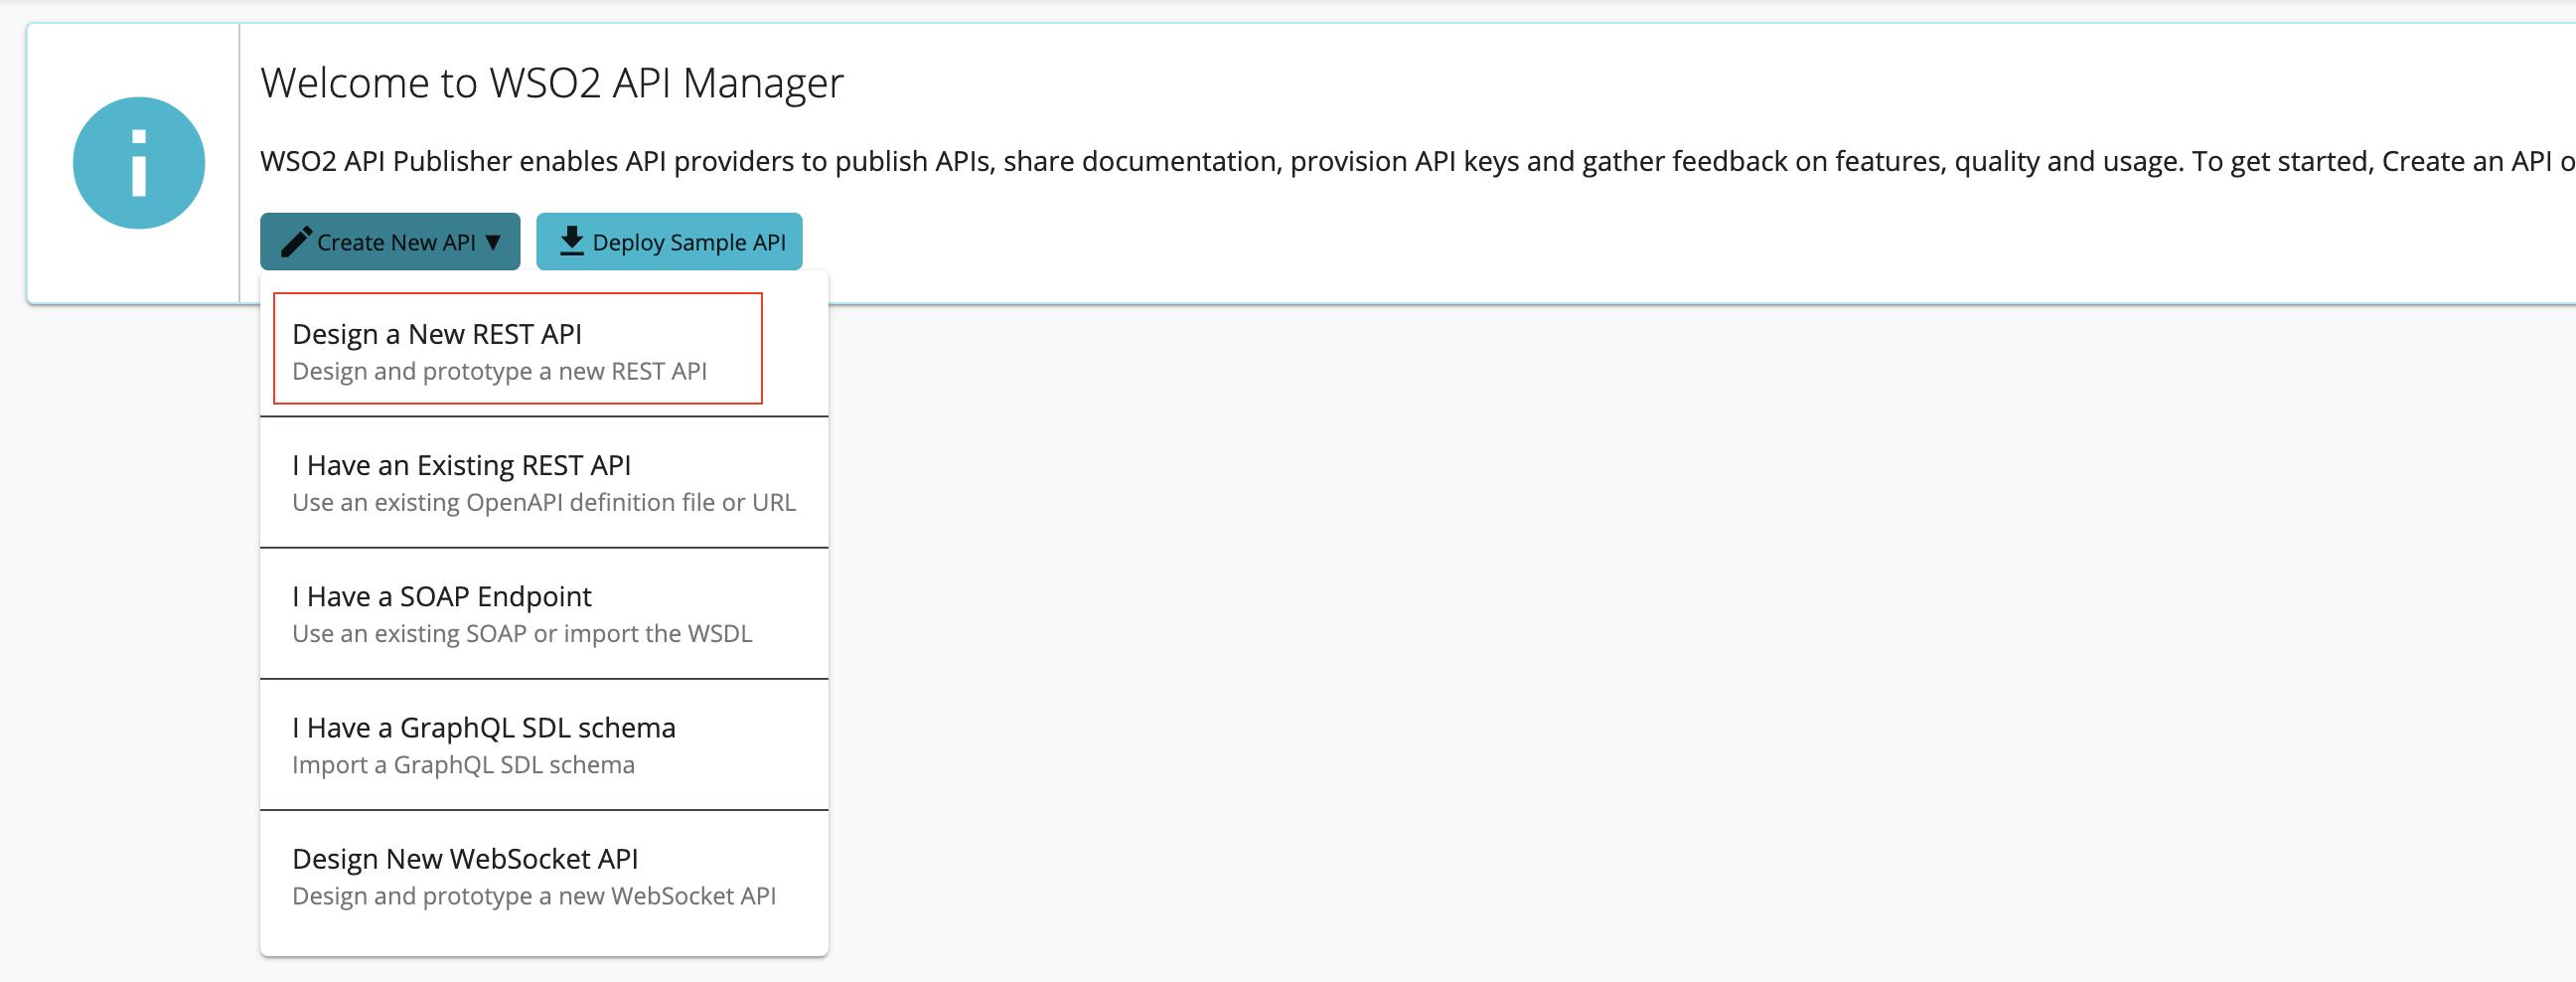 Design a new REST API